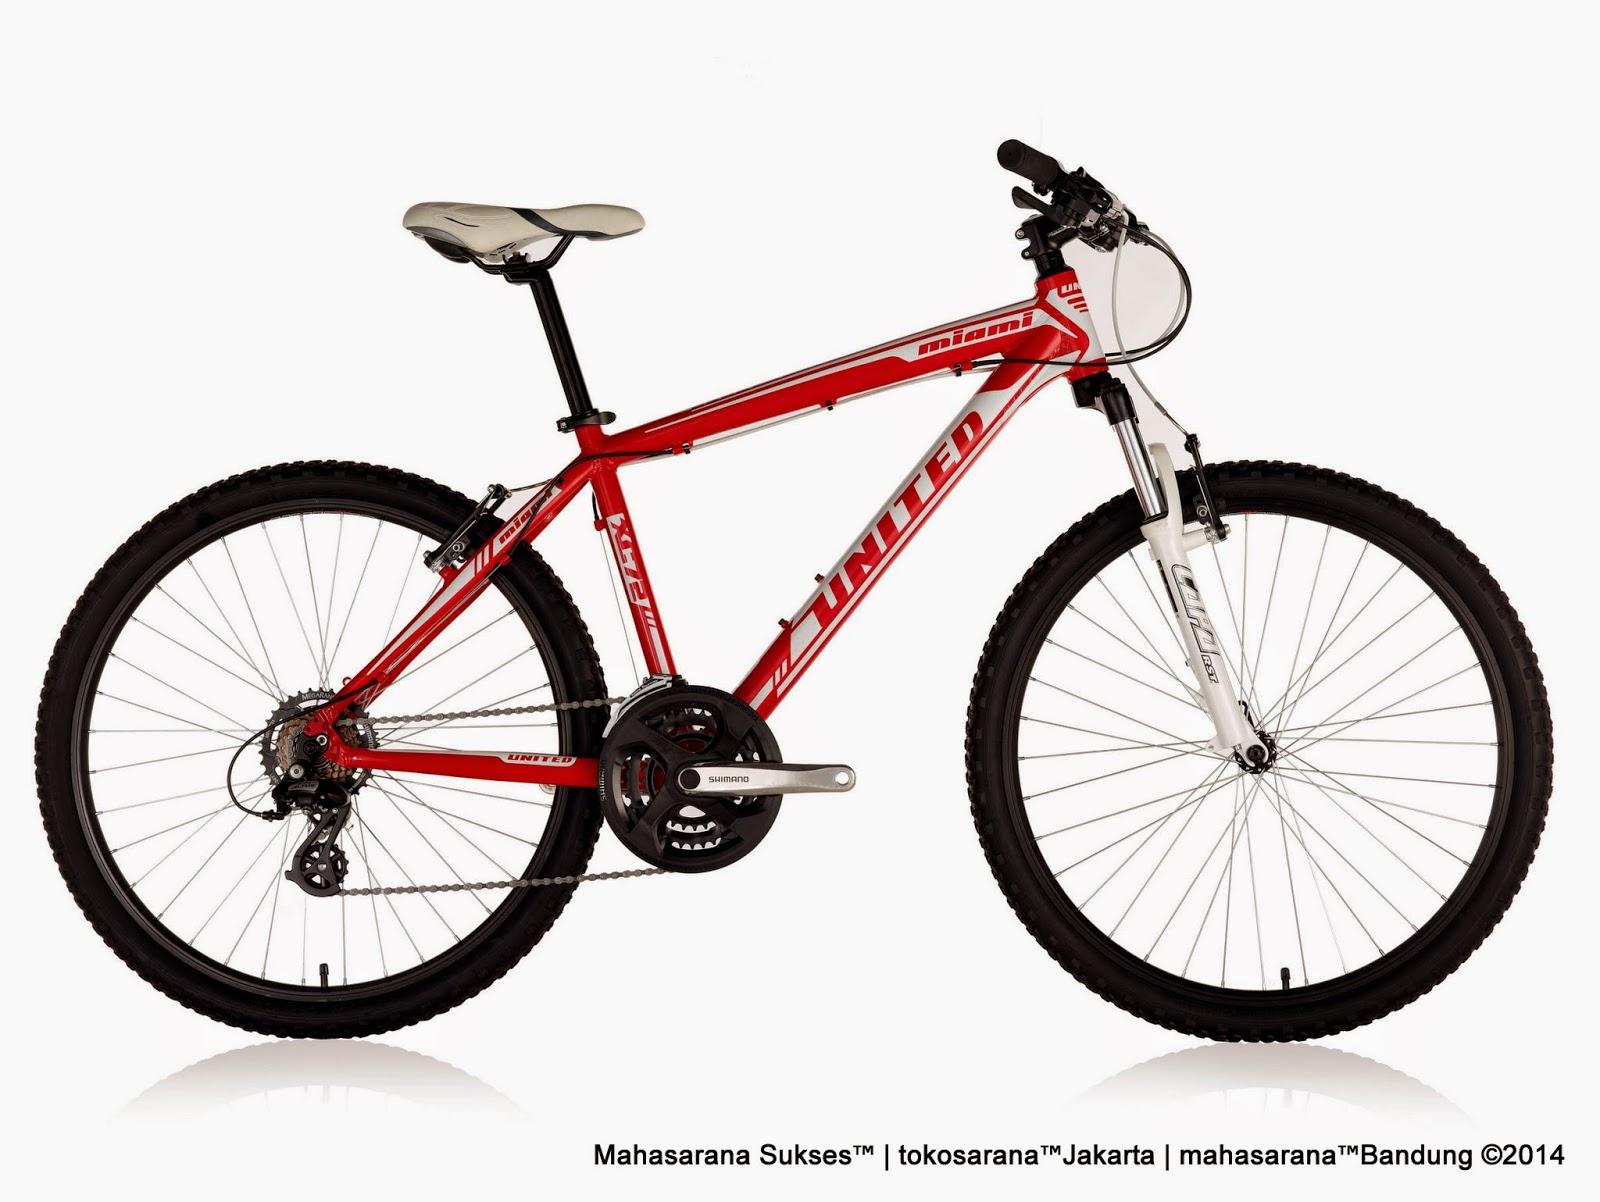 tokosarana™ | Mahasarana Sukses™: Sepeda Gunung UNITED